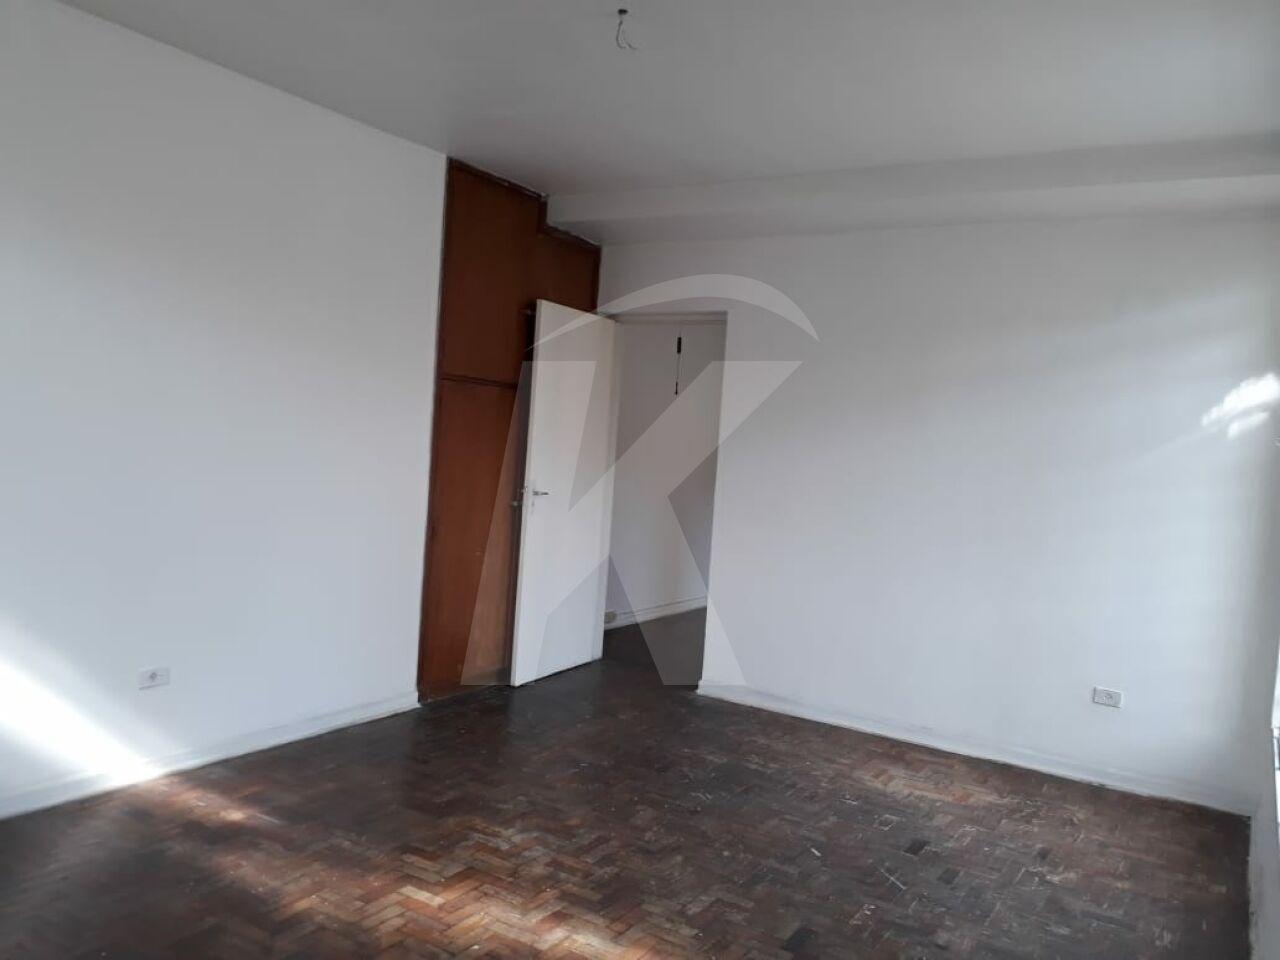 Comercial Vila Gustavo - 3 Dormitório(s) - São Paulo - SP - REF. KA1537